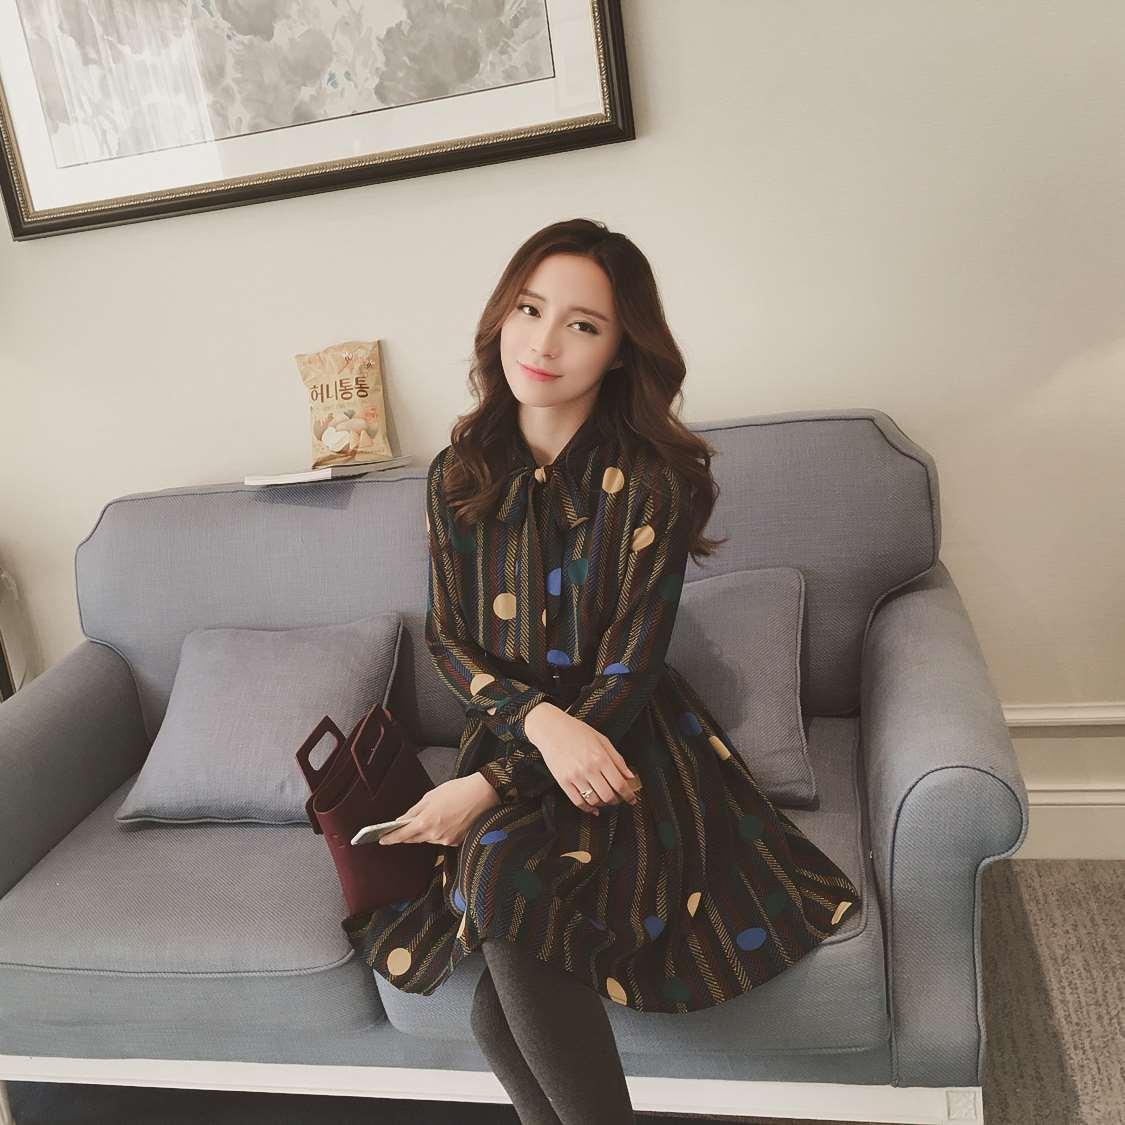 冬季加厚中长款女装打底衫新款雪纺系带韩版碎花长袖连衣裙8618#